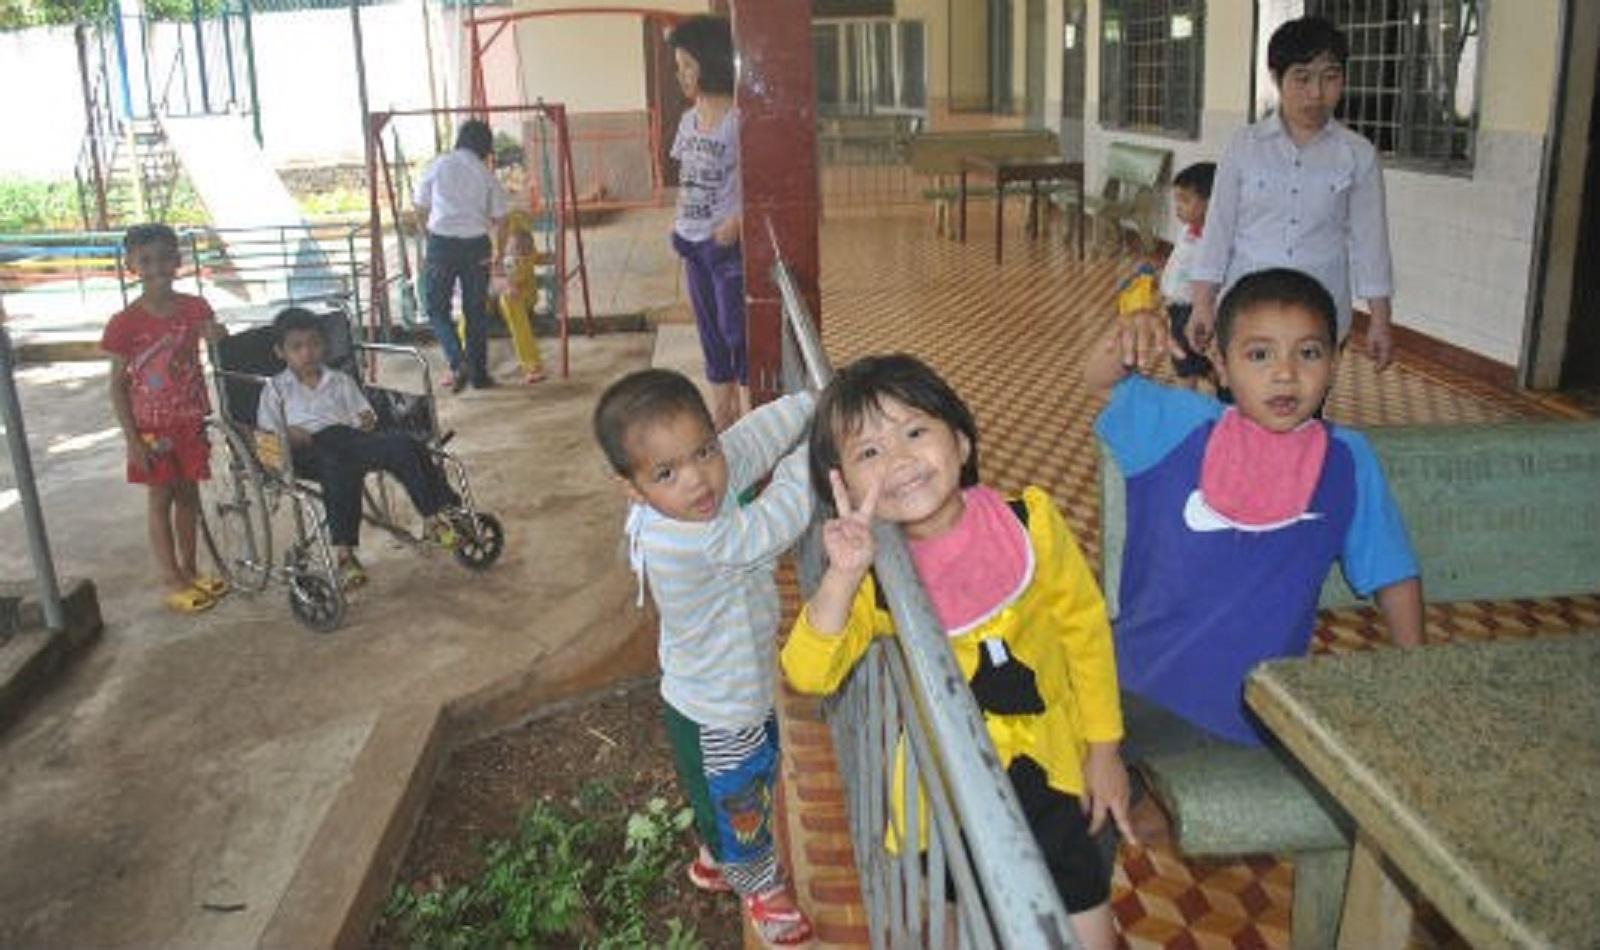 Gia Lai: Tình người ấm áp ở nơi nuôi dưỡng hơn 100 đứa trẻ bất hạnh